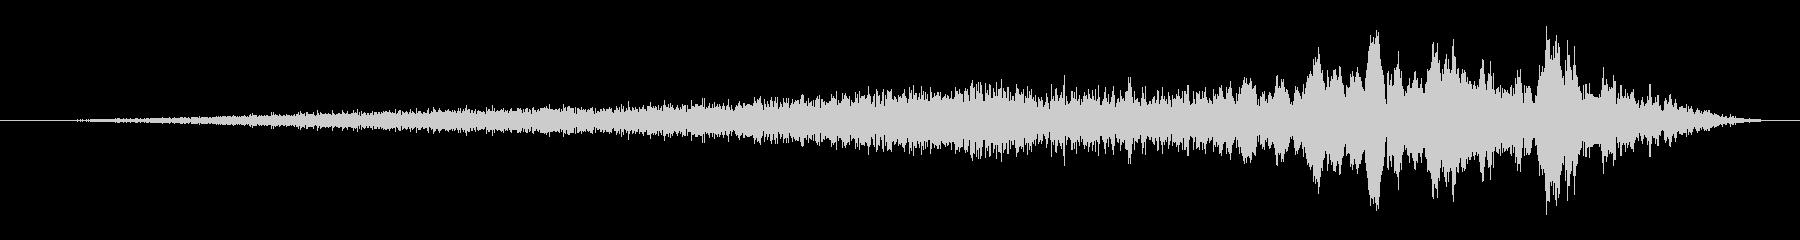 緊張 ゴースト合唱団トランジション03の未再生の波形